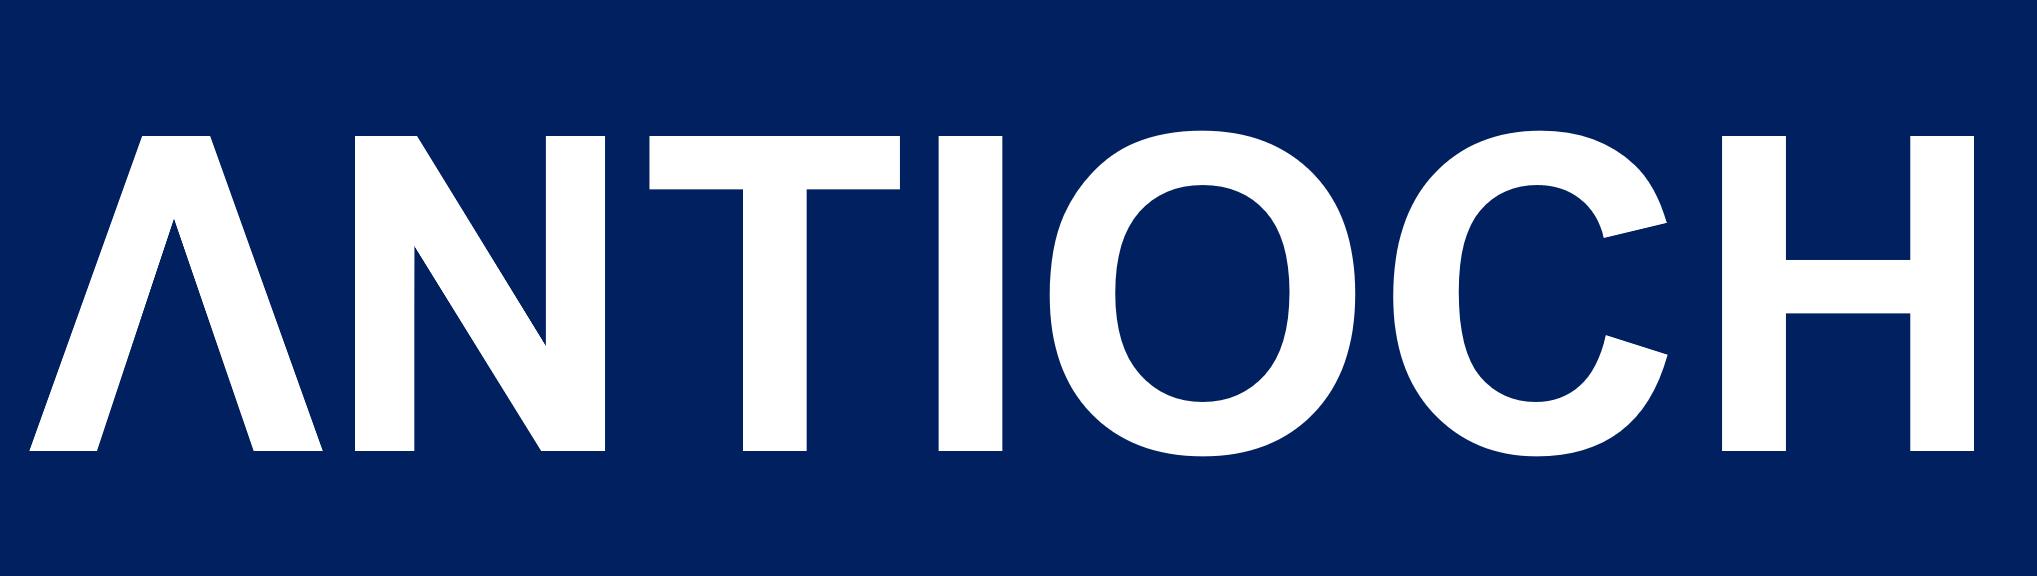 Antioch Digital